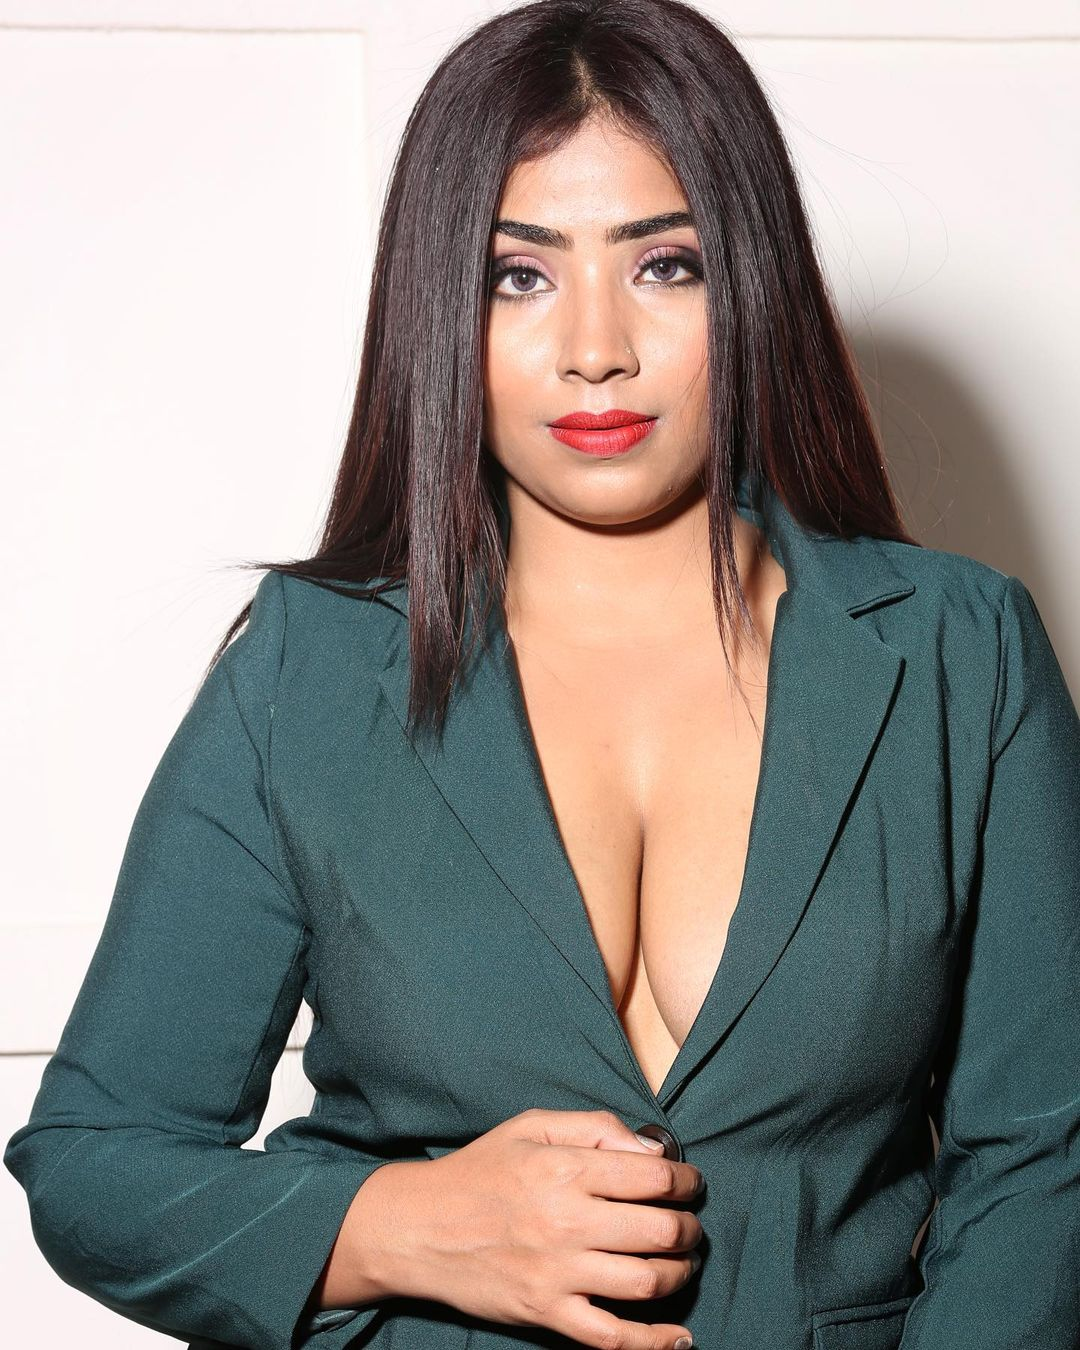 Aayushi jaiswal Ullu actress hot photos gallery